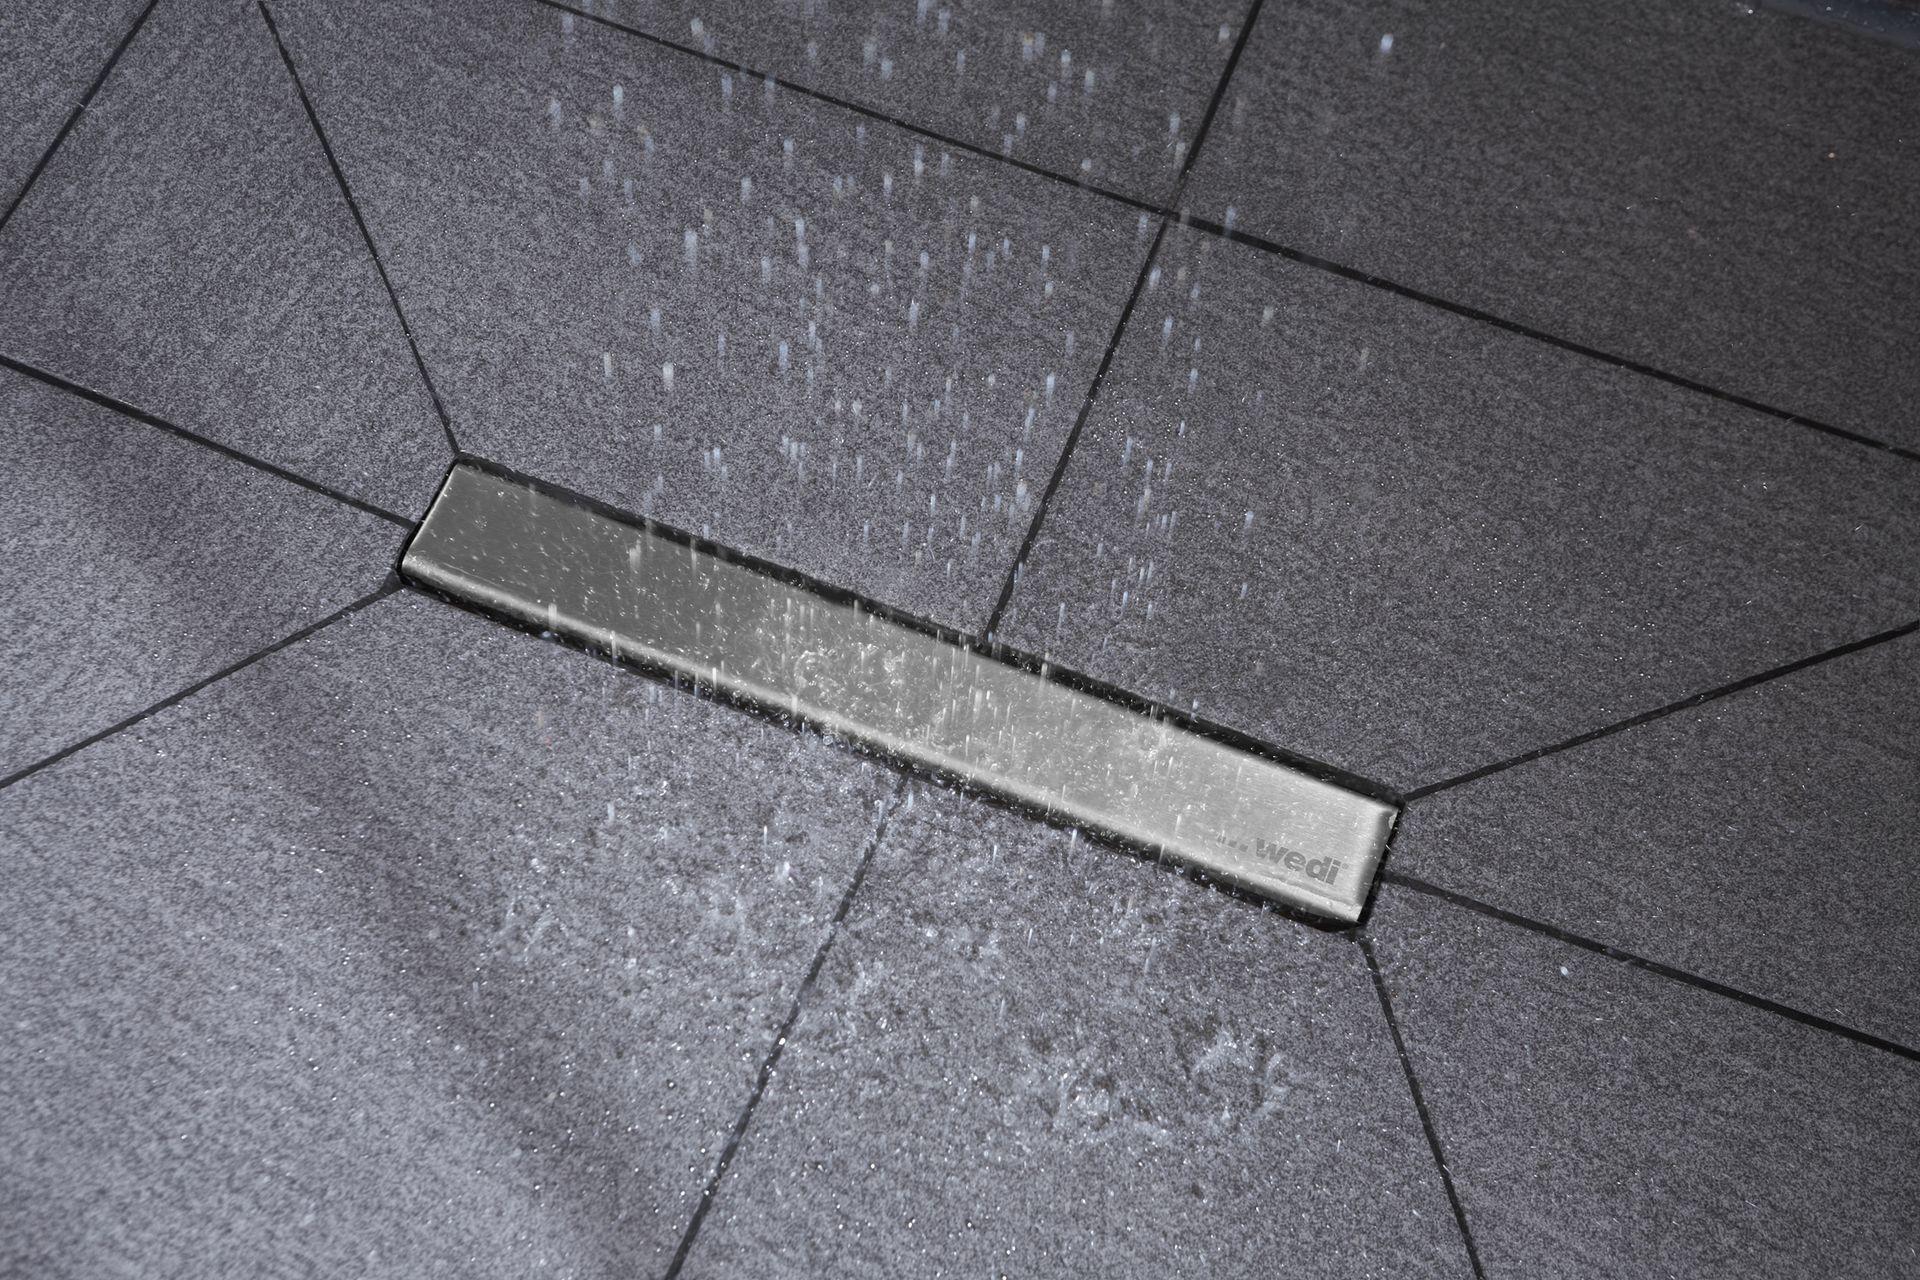 Full Size of Bodengleiche Dusche Fliesen Duschsysteme Duschen Ebenerdig Küche Fliesenspiegel Haltegriff Nachträglich Einbauen Moderne Hsk Glasabtrennung Glastür Glas Dusche Bodengleiche Dusche Fliesen